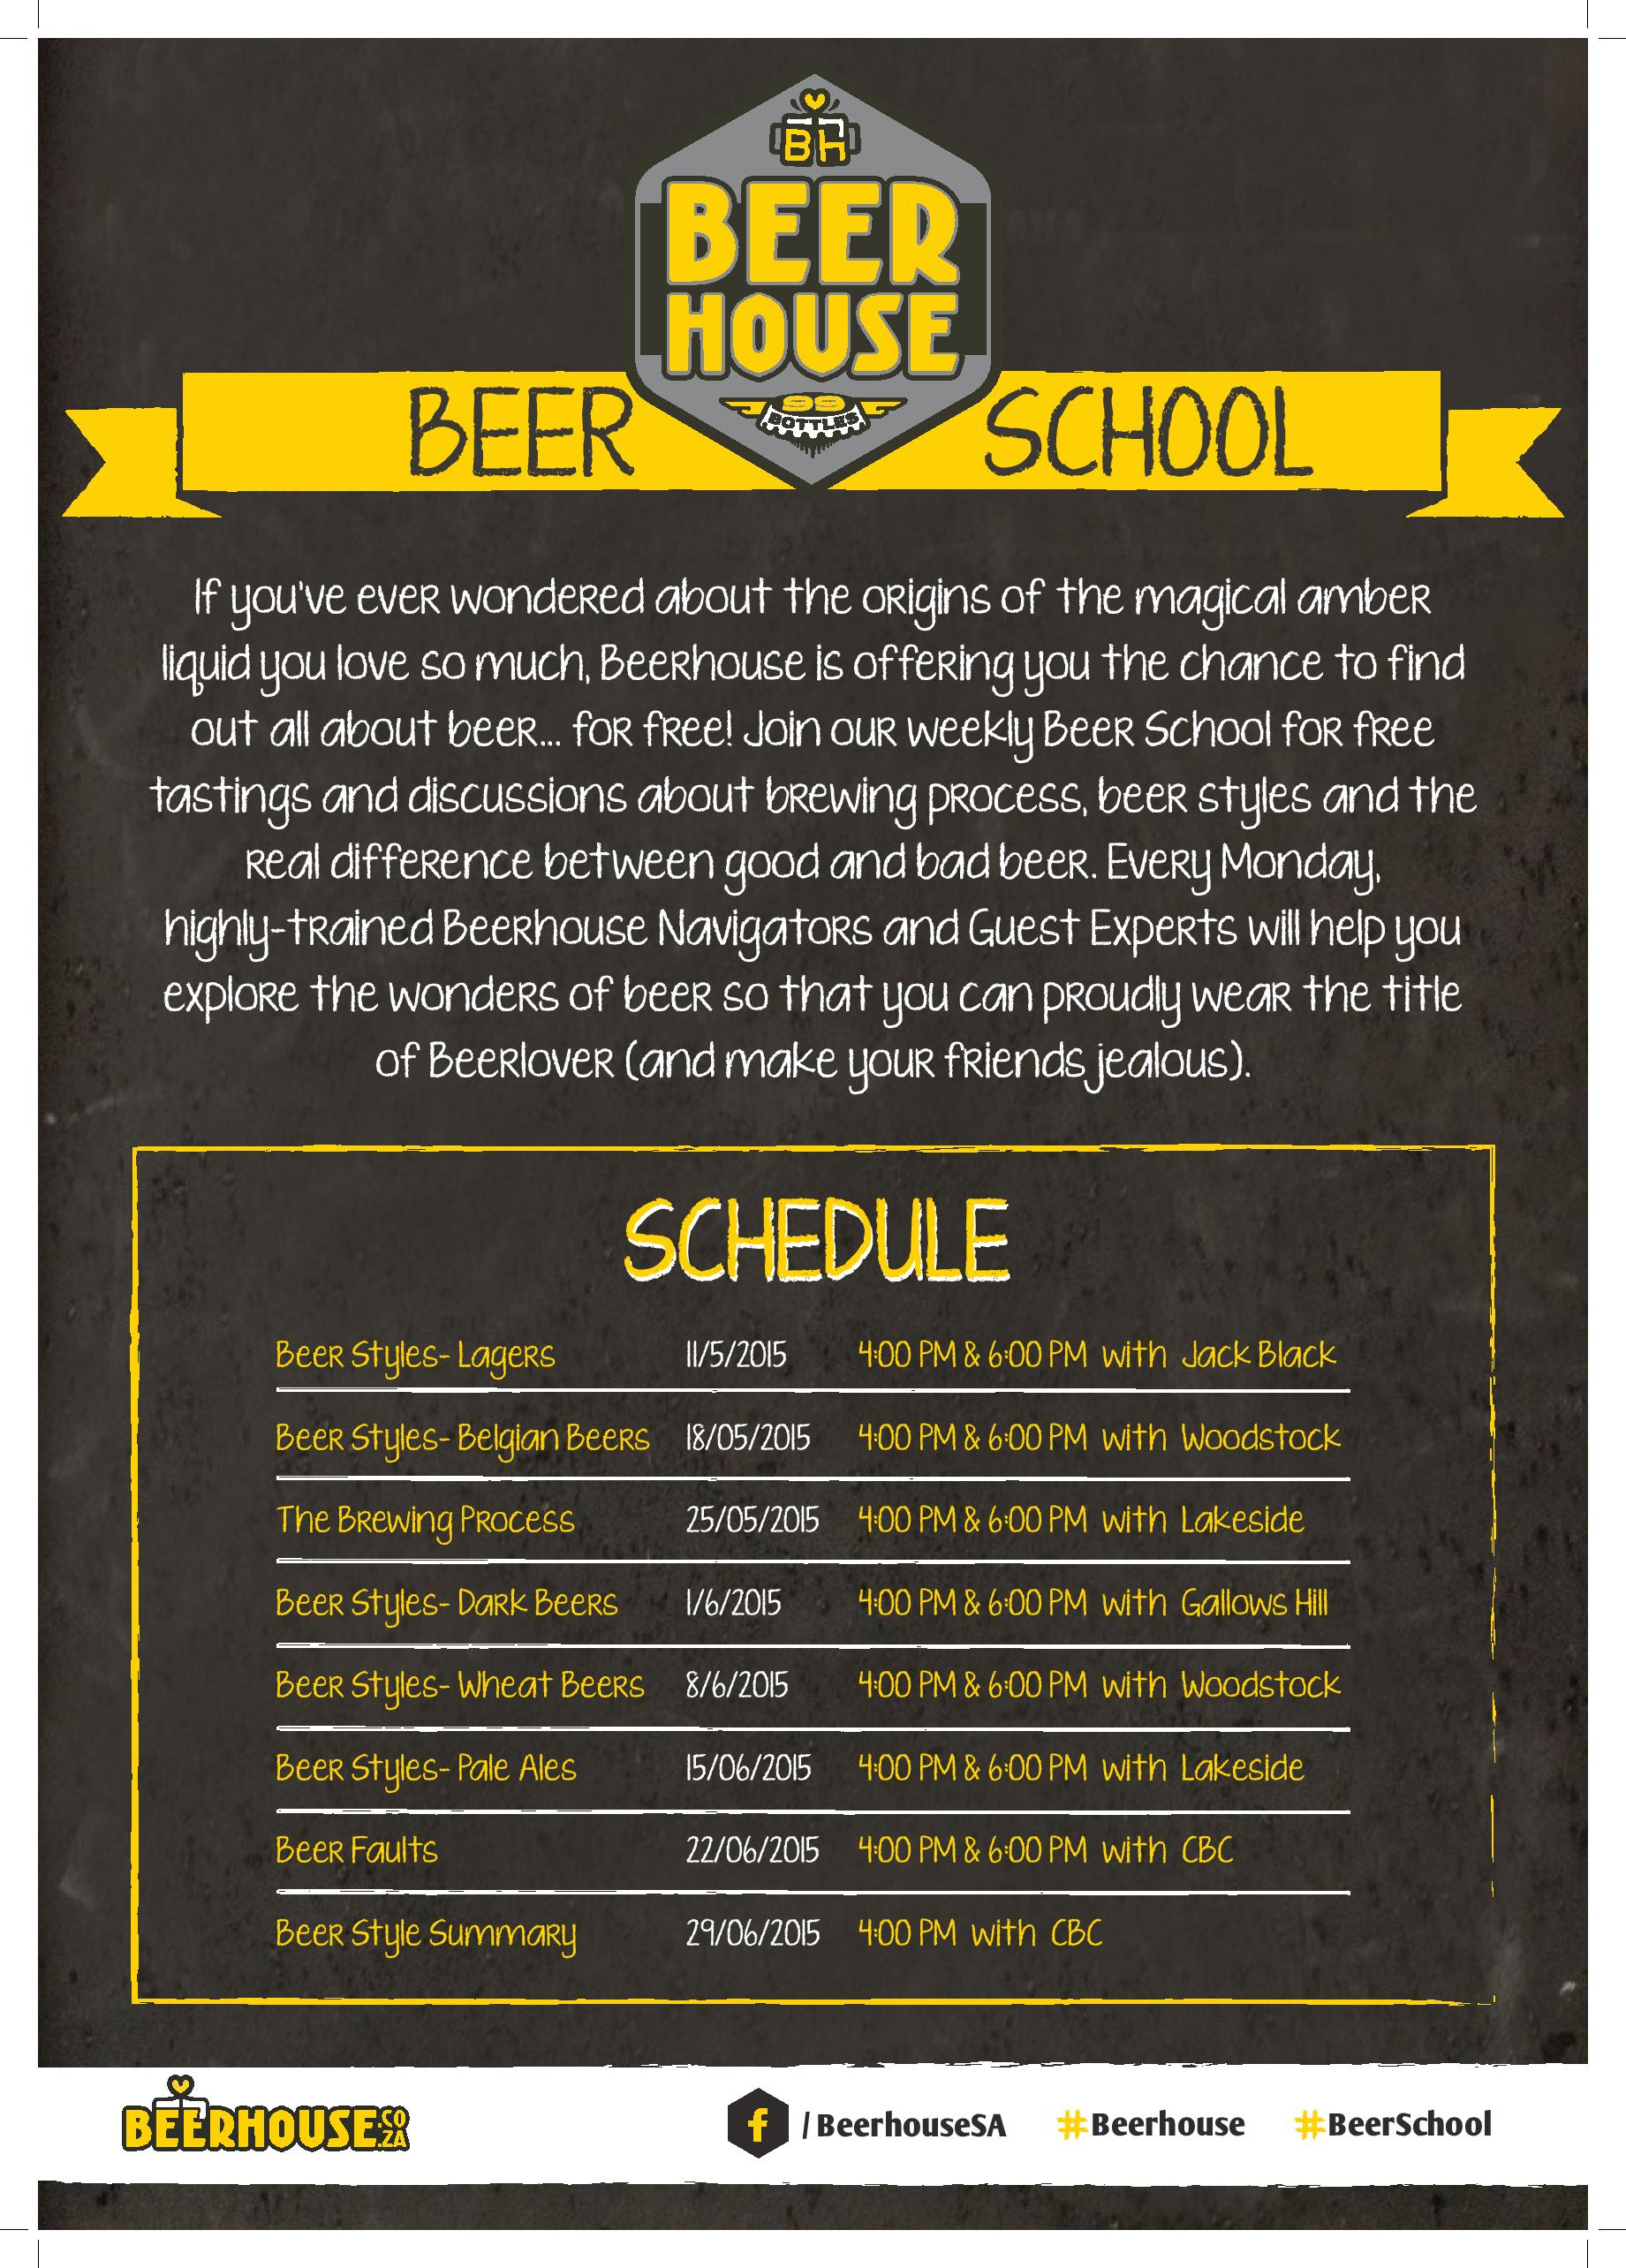 Beerschool proper